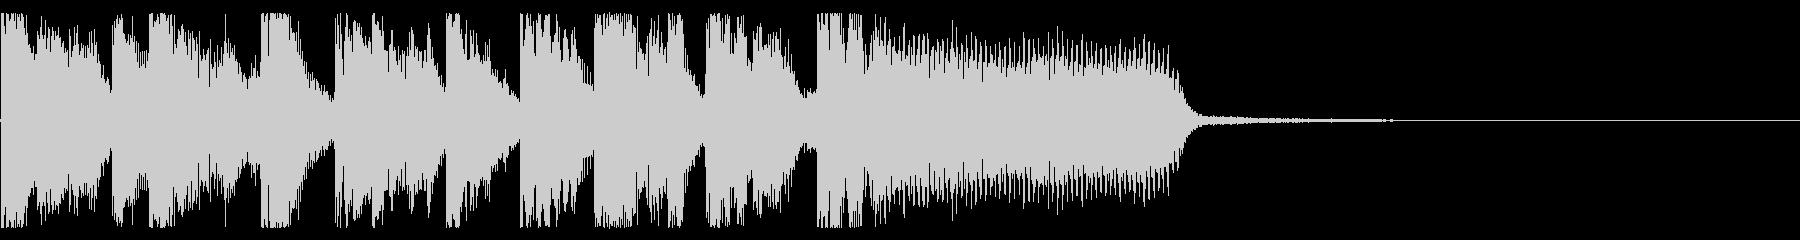 ポップなEDM系ジングルミュージック7の未再生の波形